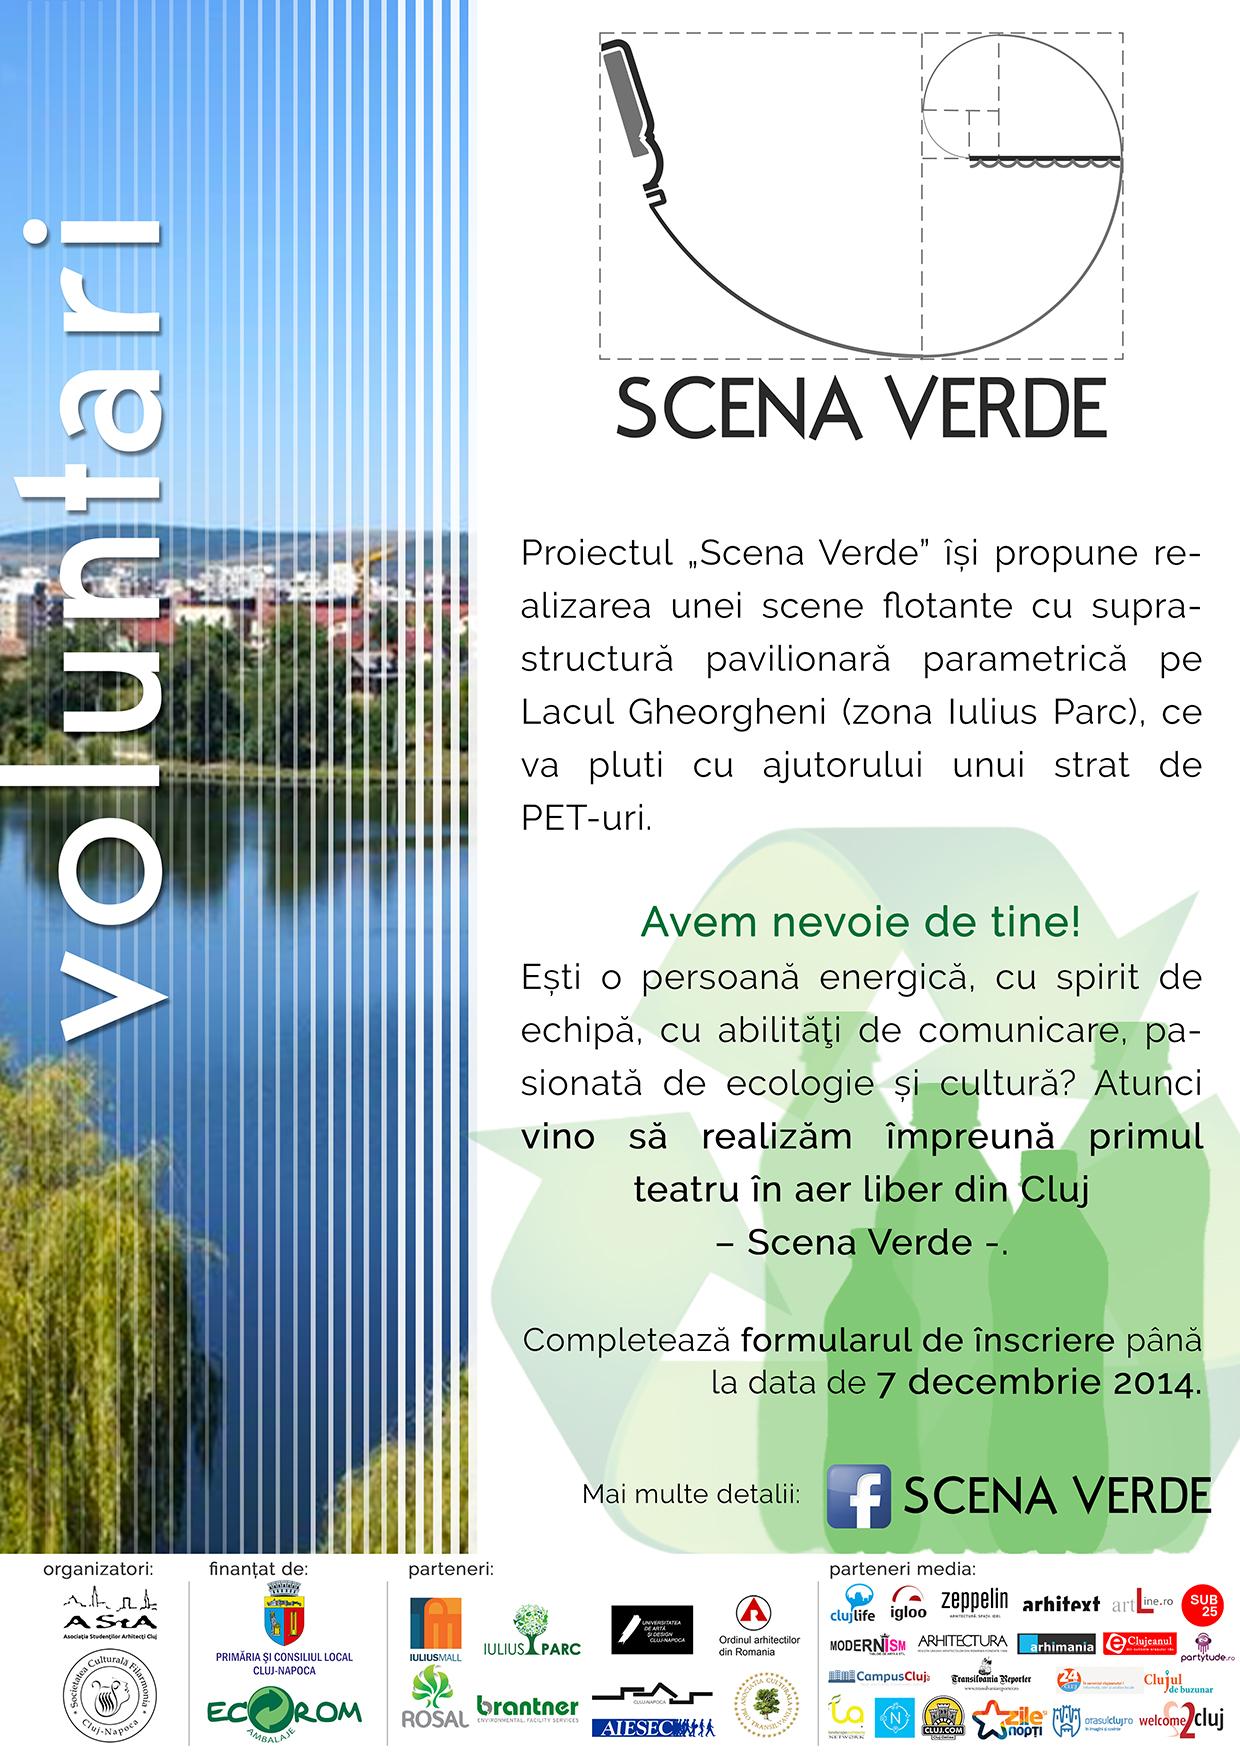 Fii voluntar la Scena Verde! Împreună reciclăm PEnTru cultură!